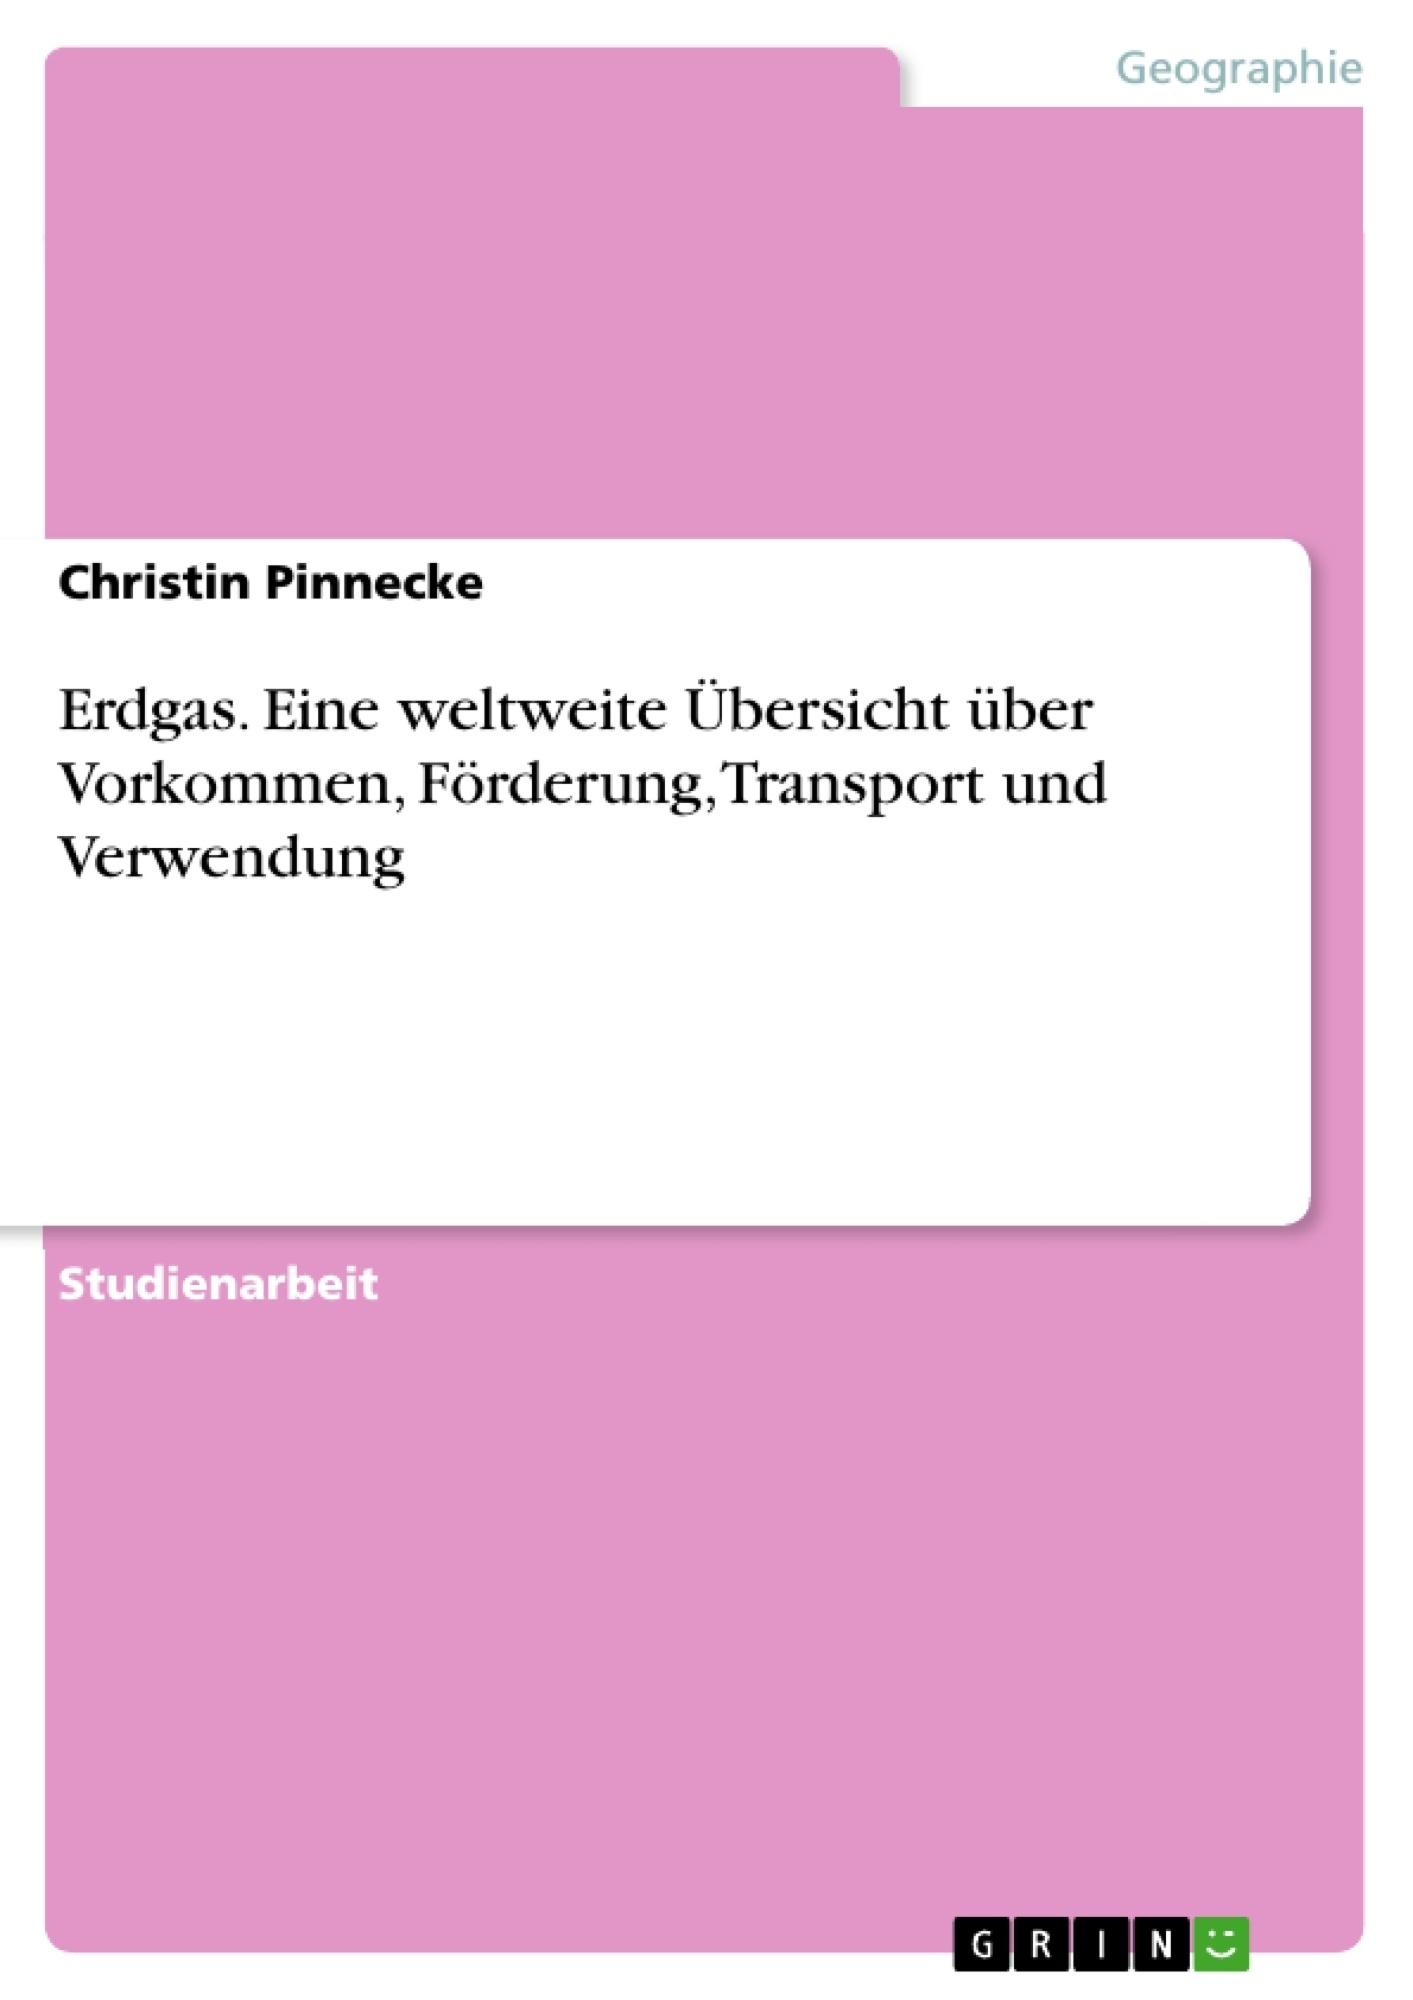 Titel: Erdgas. Eine weltweite Übersicht über Vorkommen, Förderung, Transport und Verwendung